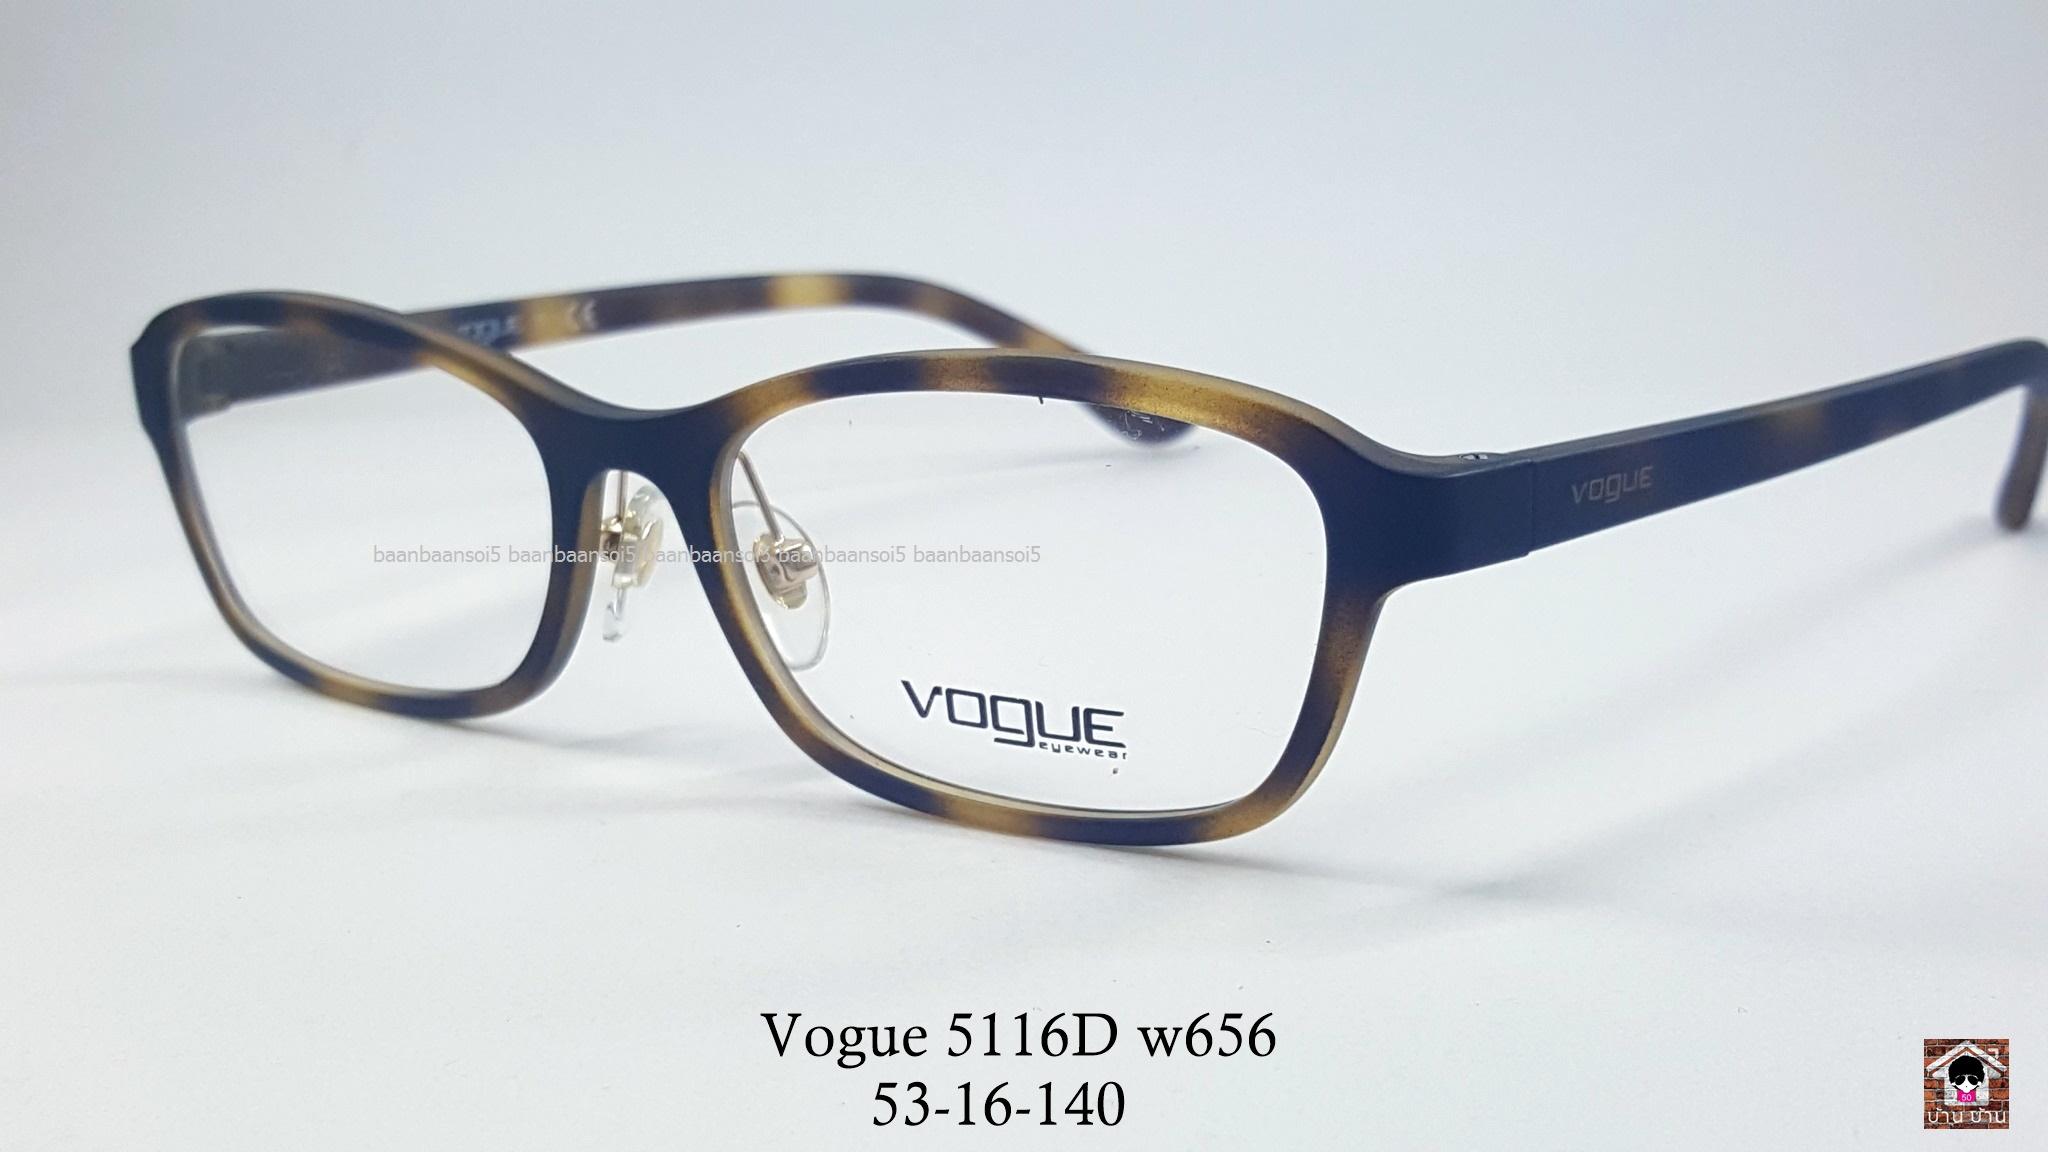 Vogue vo 5116D w656 โปรโมชั่น กรอบแว่นตาพร้อมเลนส์ HOYA ราคา 2,300 บาท